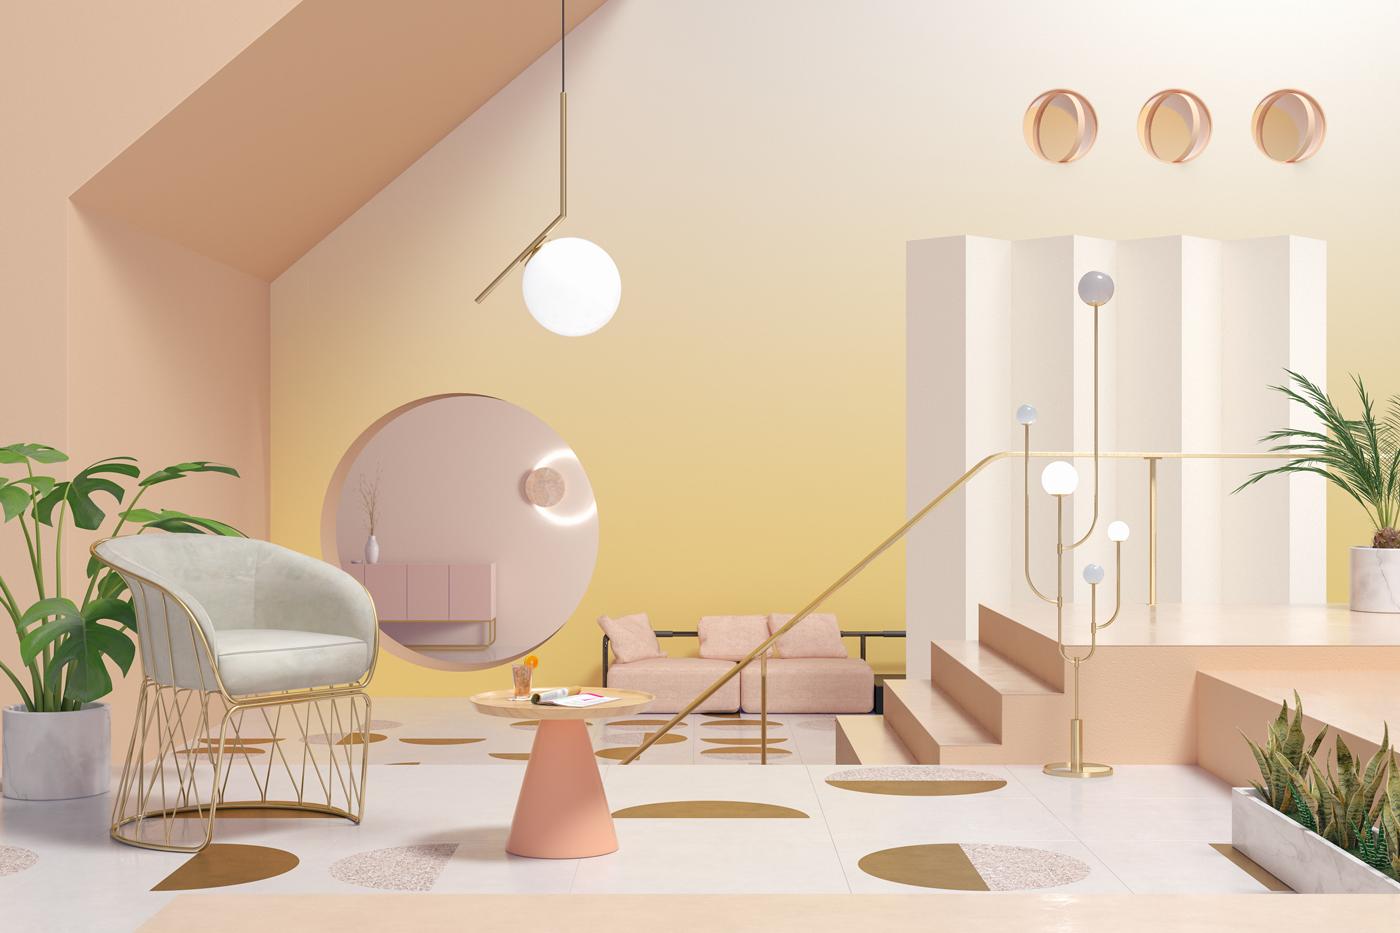 set-design-insp.png